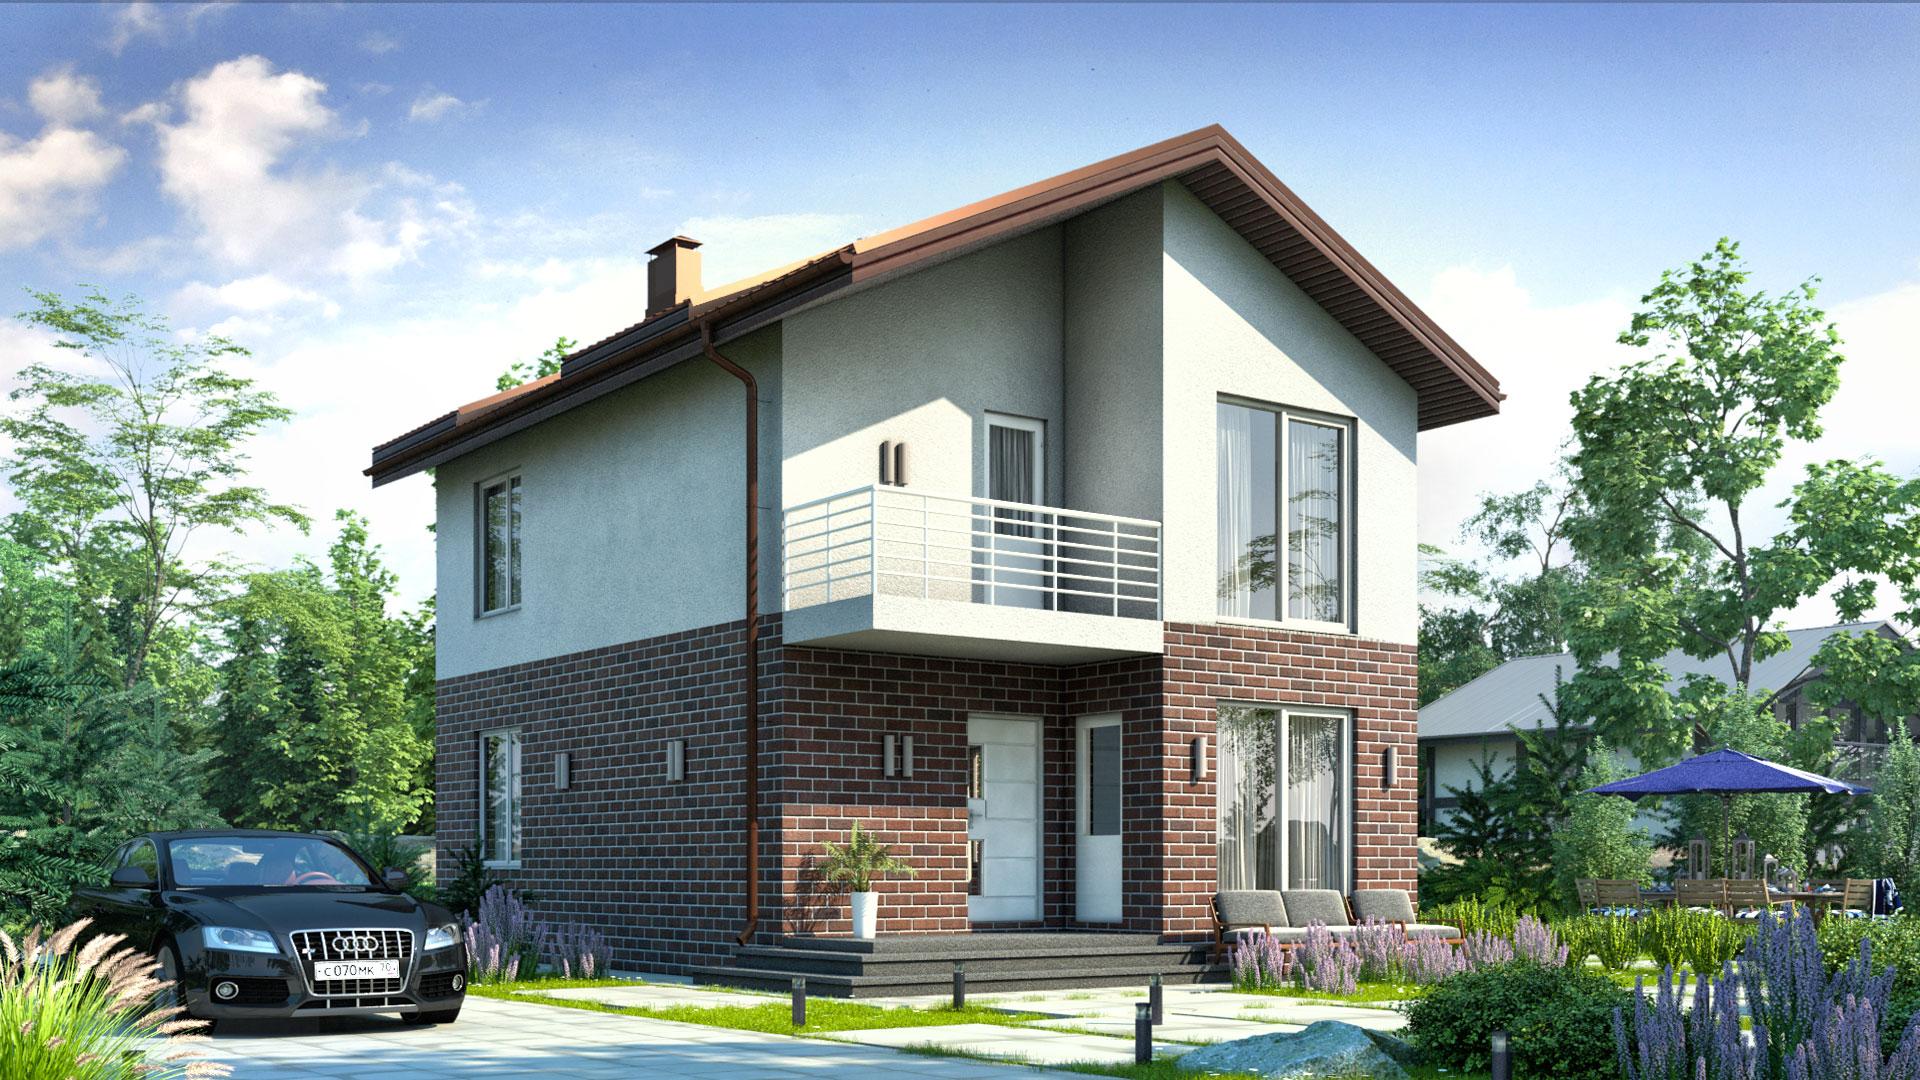 Передний фасад дома 6х9 двухэтажного, 89 м2. Проект БП-107.